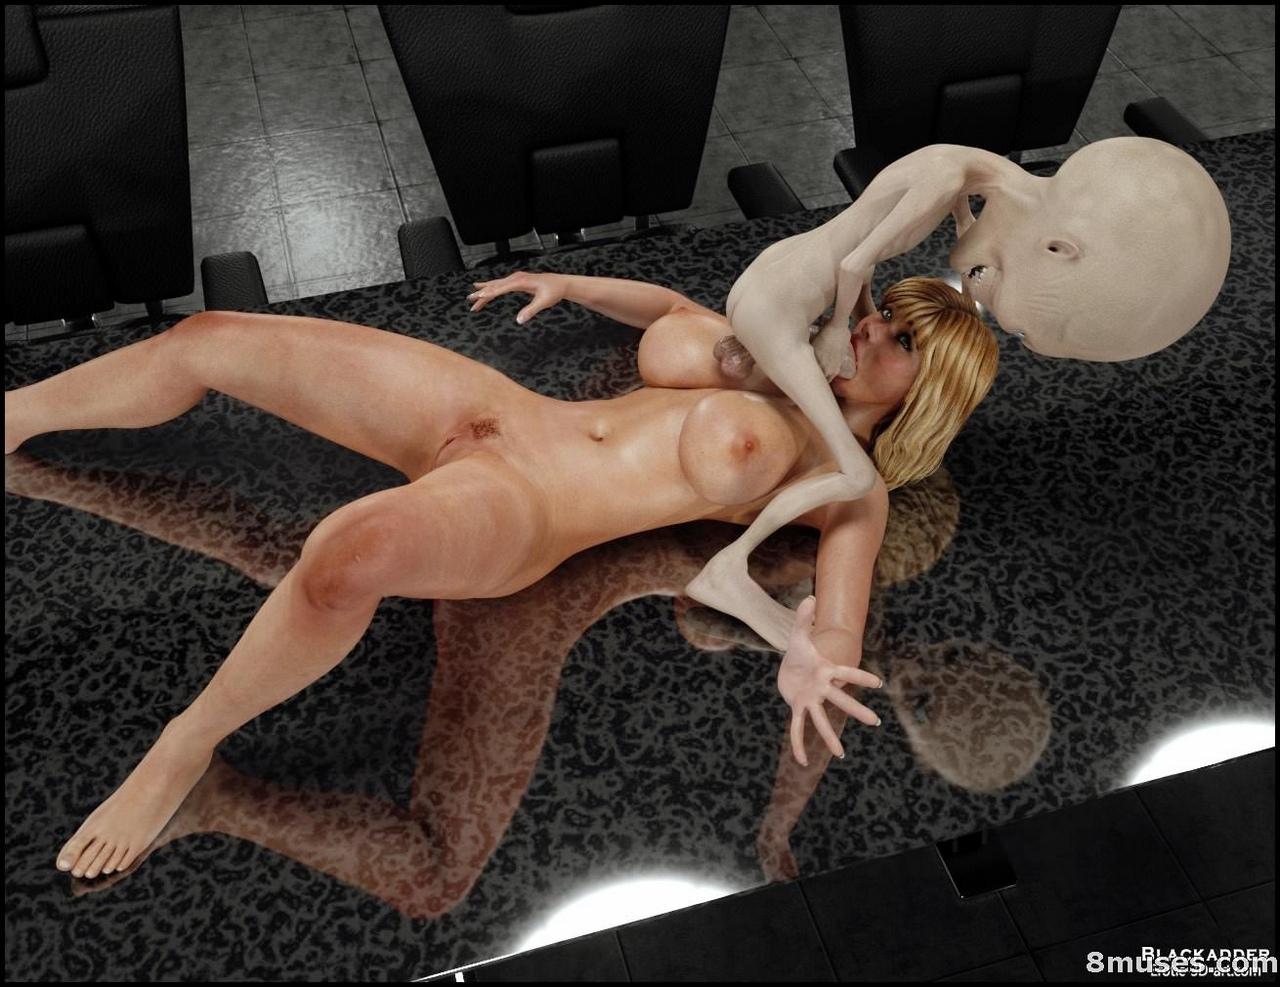 Пришельцы порно смотреть онлайн, С пришельцами - бесплатное порно онлайн, смотреть 10 фотография